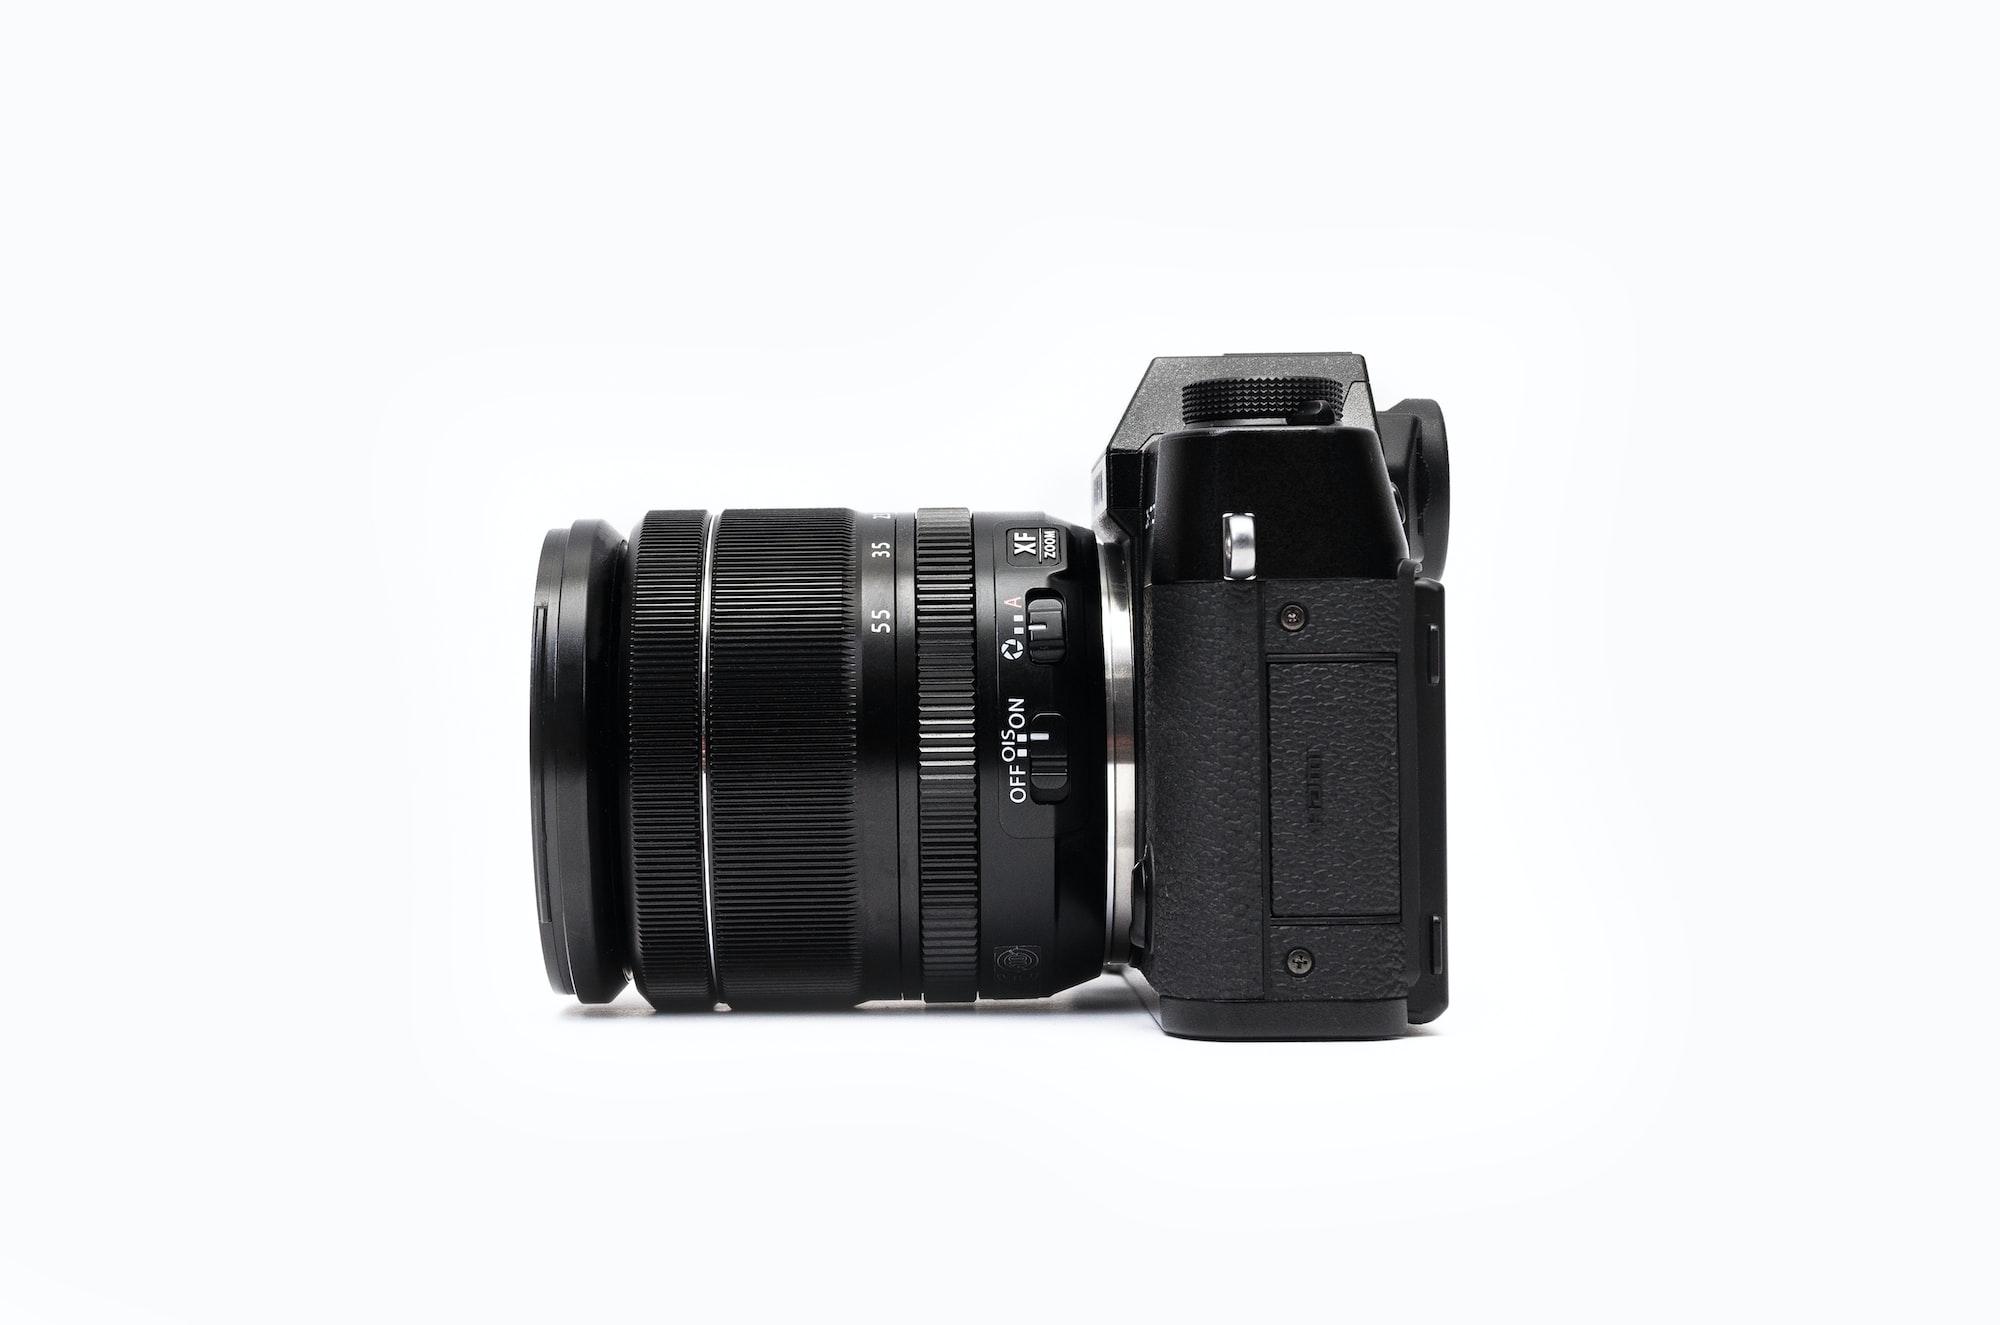 Fujifilm X-T10 – Side View